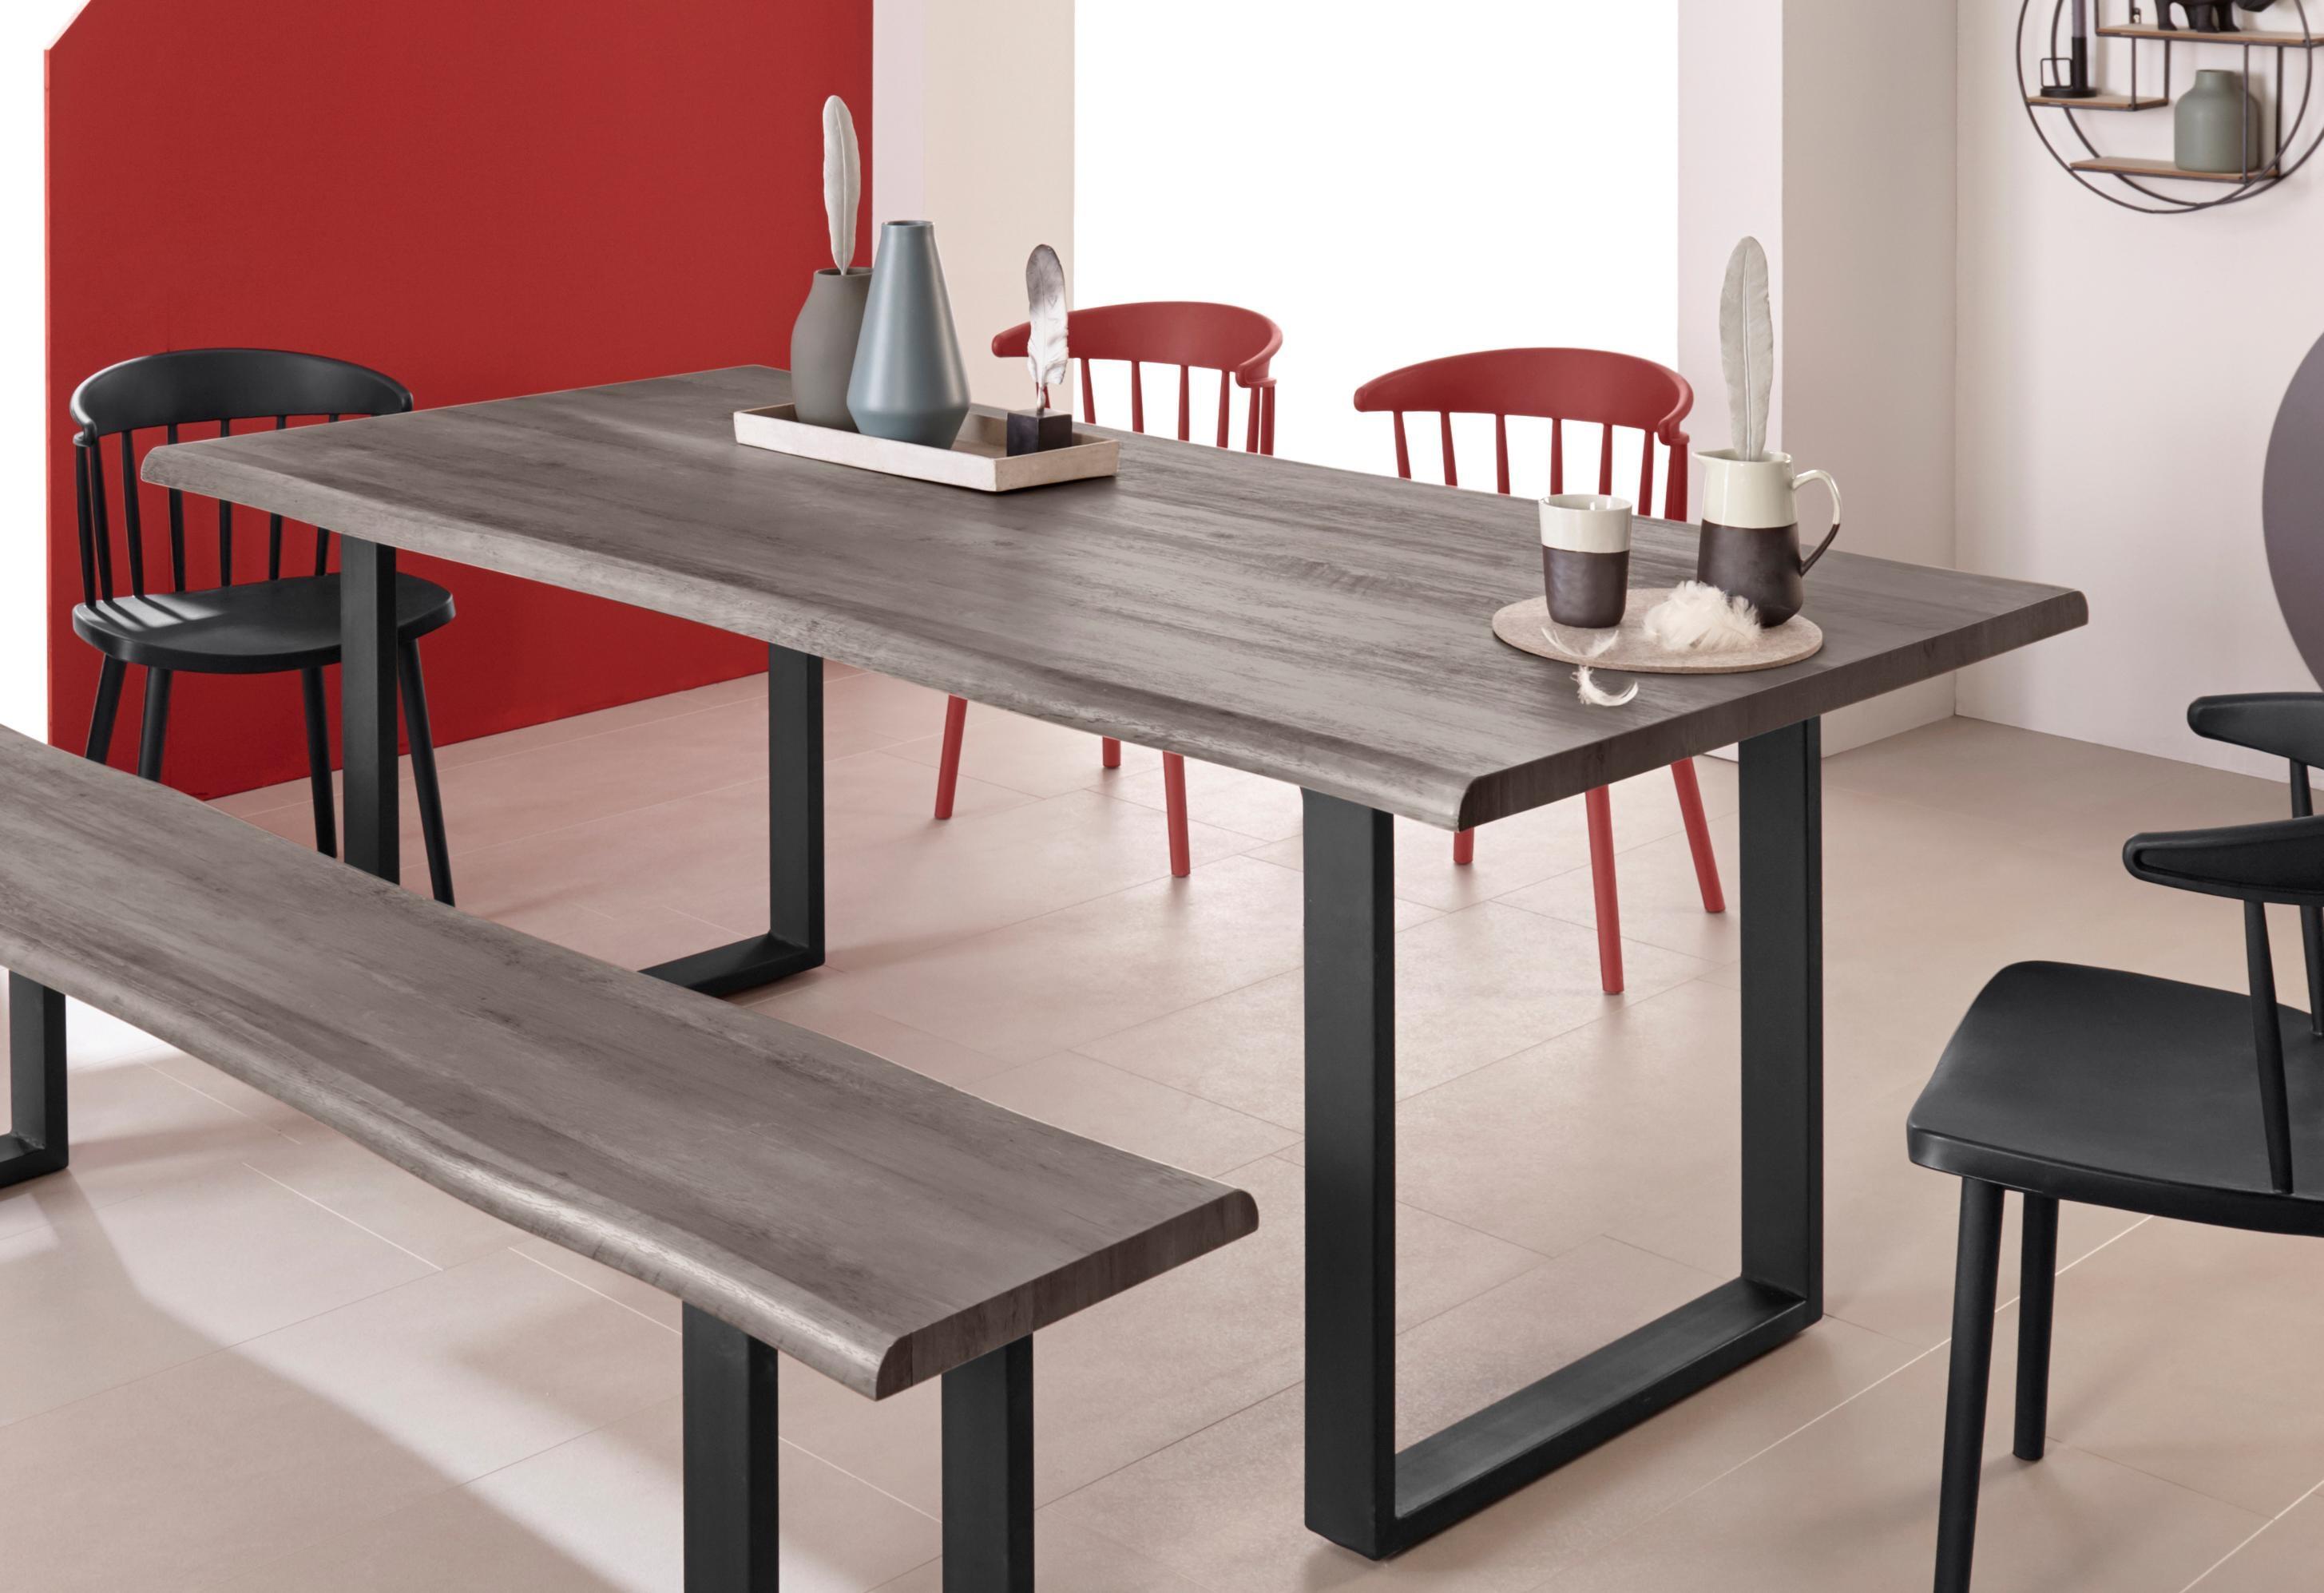 INOSIGN Baumkantentisch Selina mit schönem Metallgestell und folierte Holzoptik auf der Tischplatte